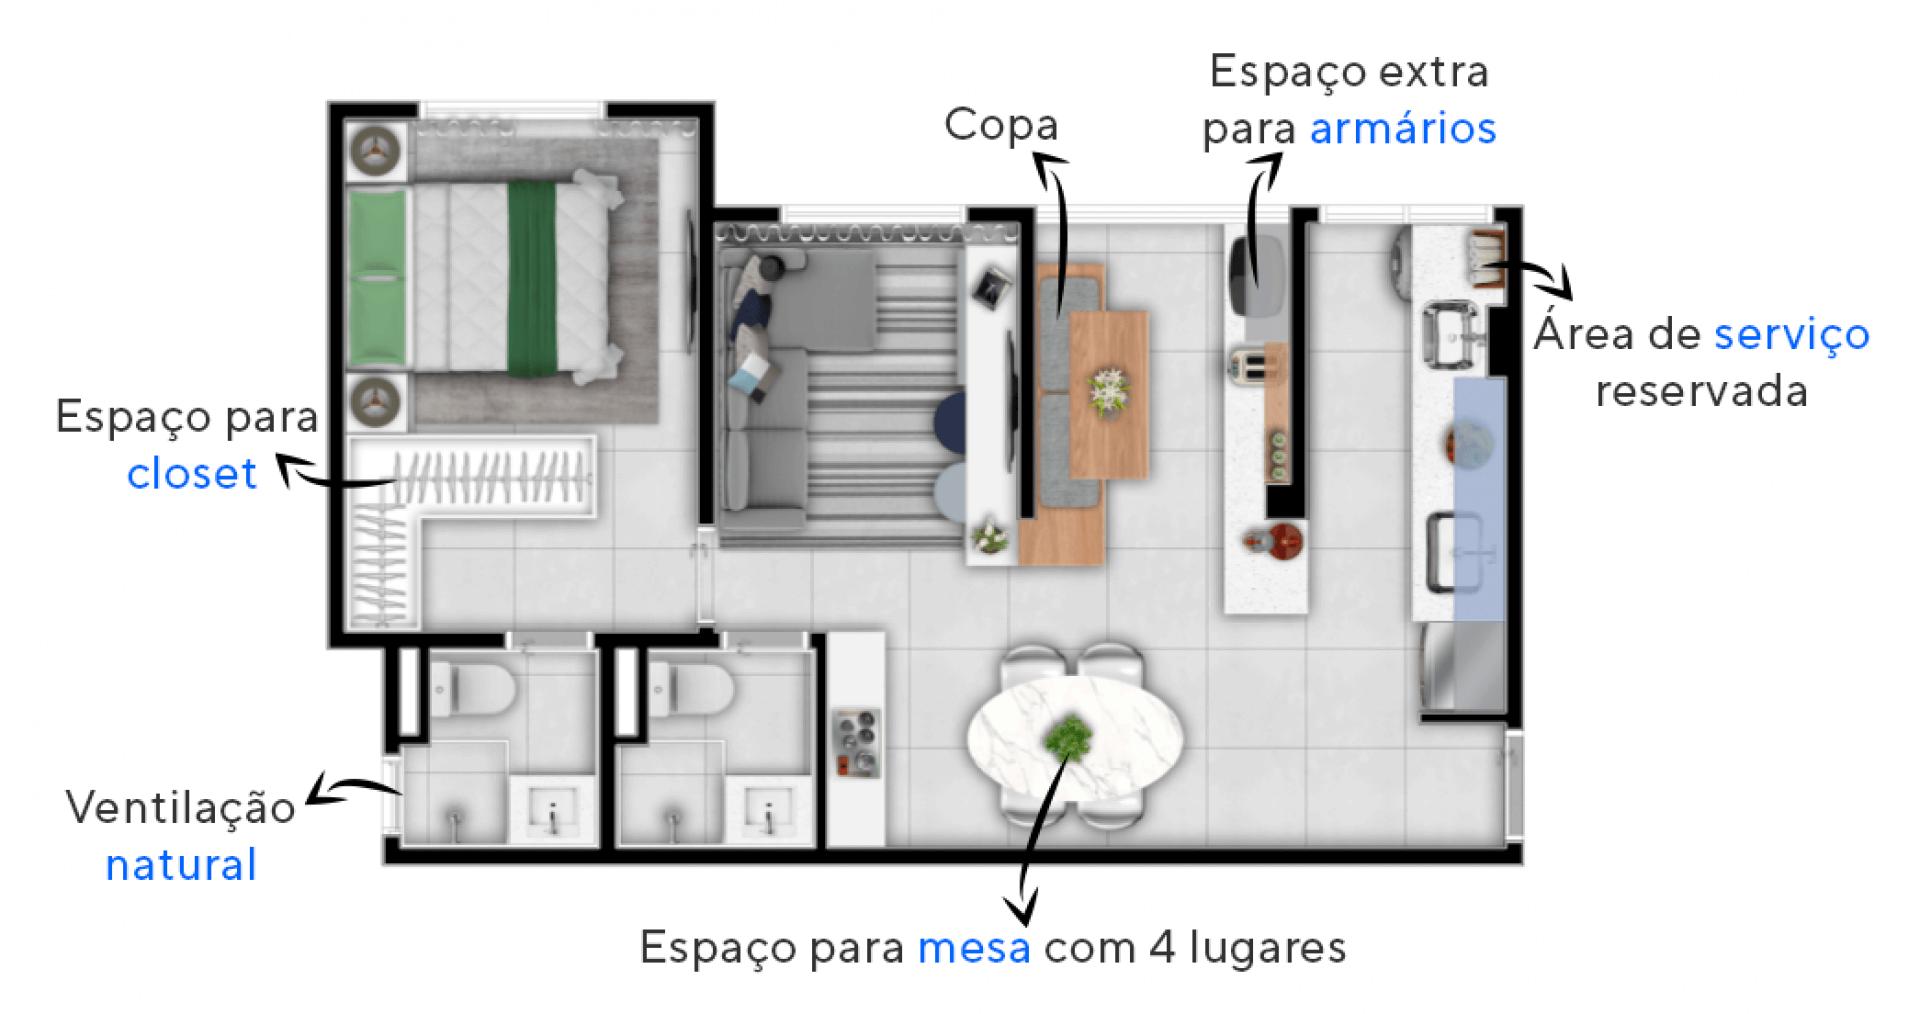 53 M² - 1 SUÍTE + ESPAÇO MULTIUSO. Apartamentos do Vila Flor Jundiaí com ambientes bem ventilados. Destaque para a extensão da cozinha, um espaço multiuso, com área extra para armazenamento e para refeições rápidas.